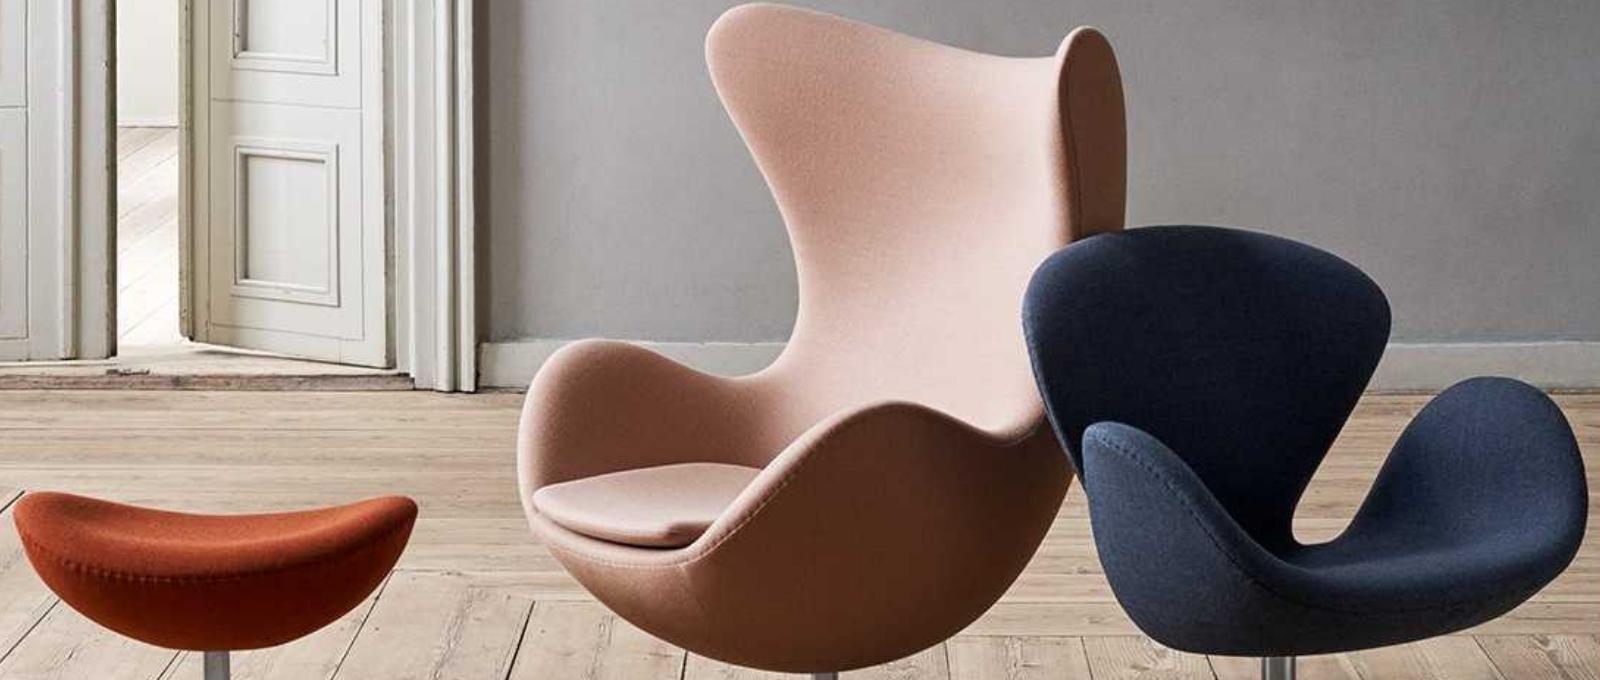 Woonatelier_design-fauteuil-egg